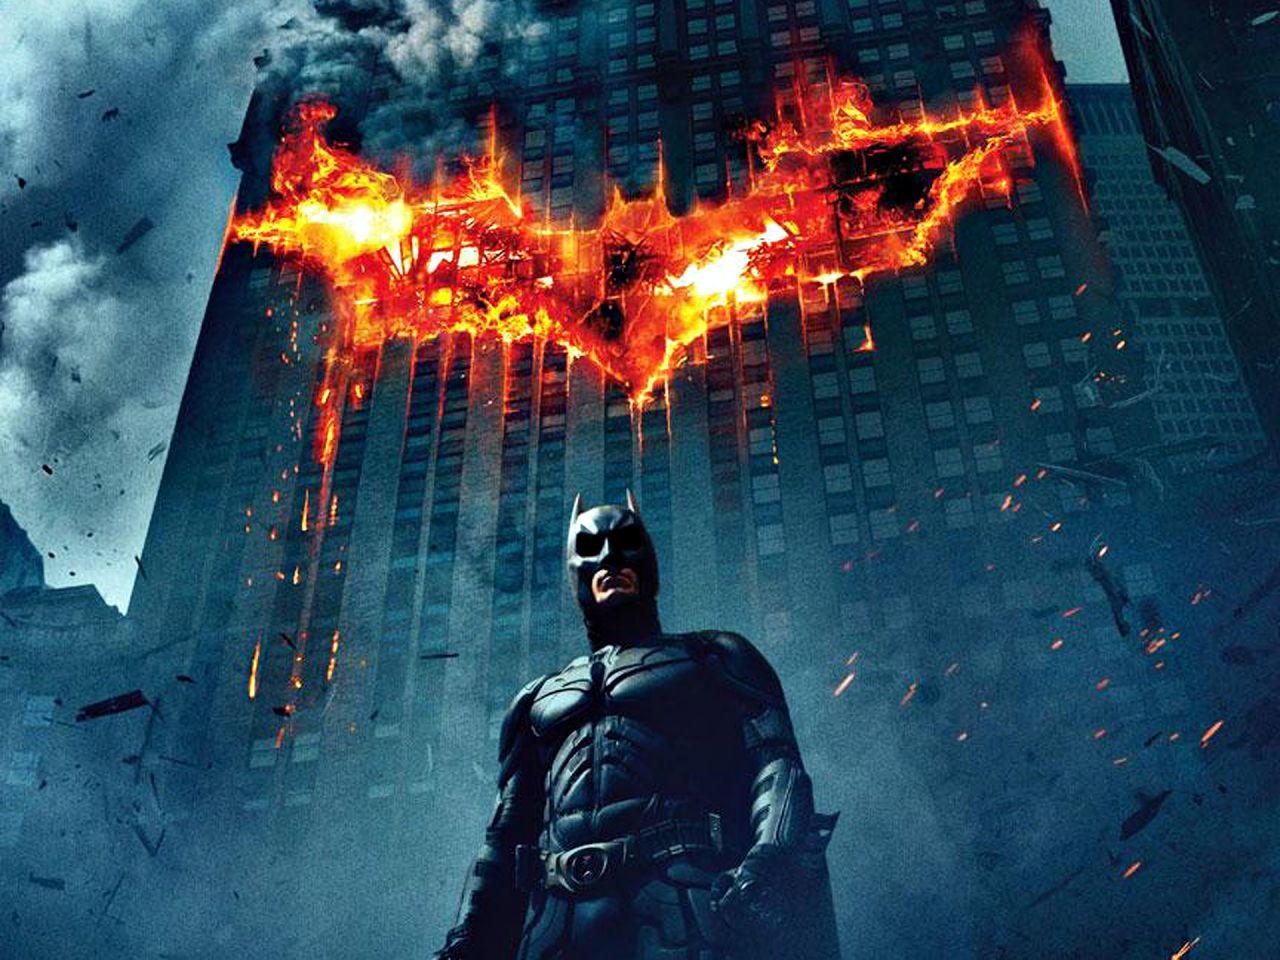 Batman Burning Logo On Building Wallpaper 1280x960